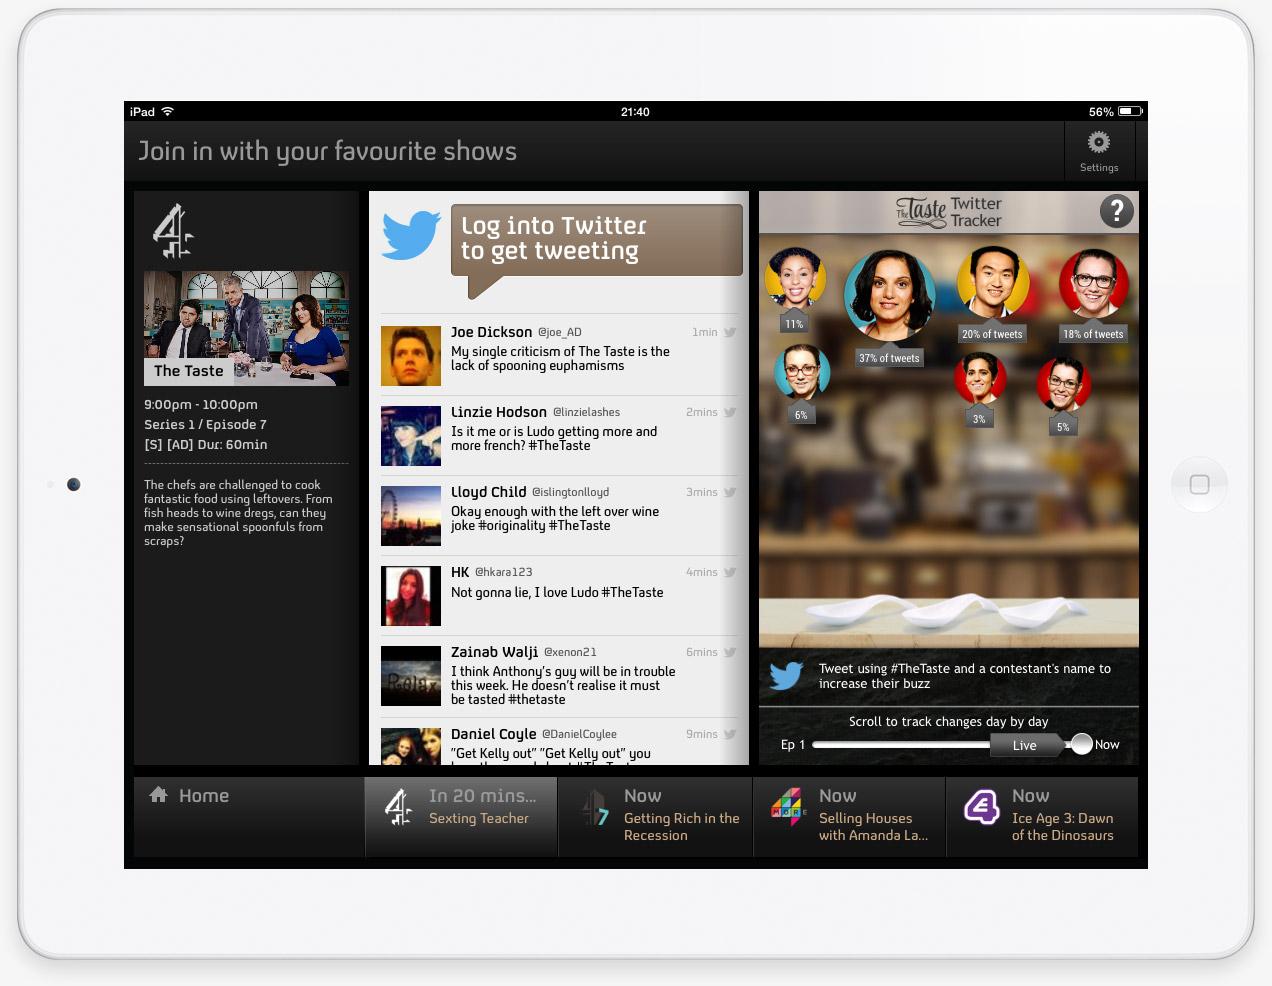 Channel 4 - The Taste Twitter Tracker